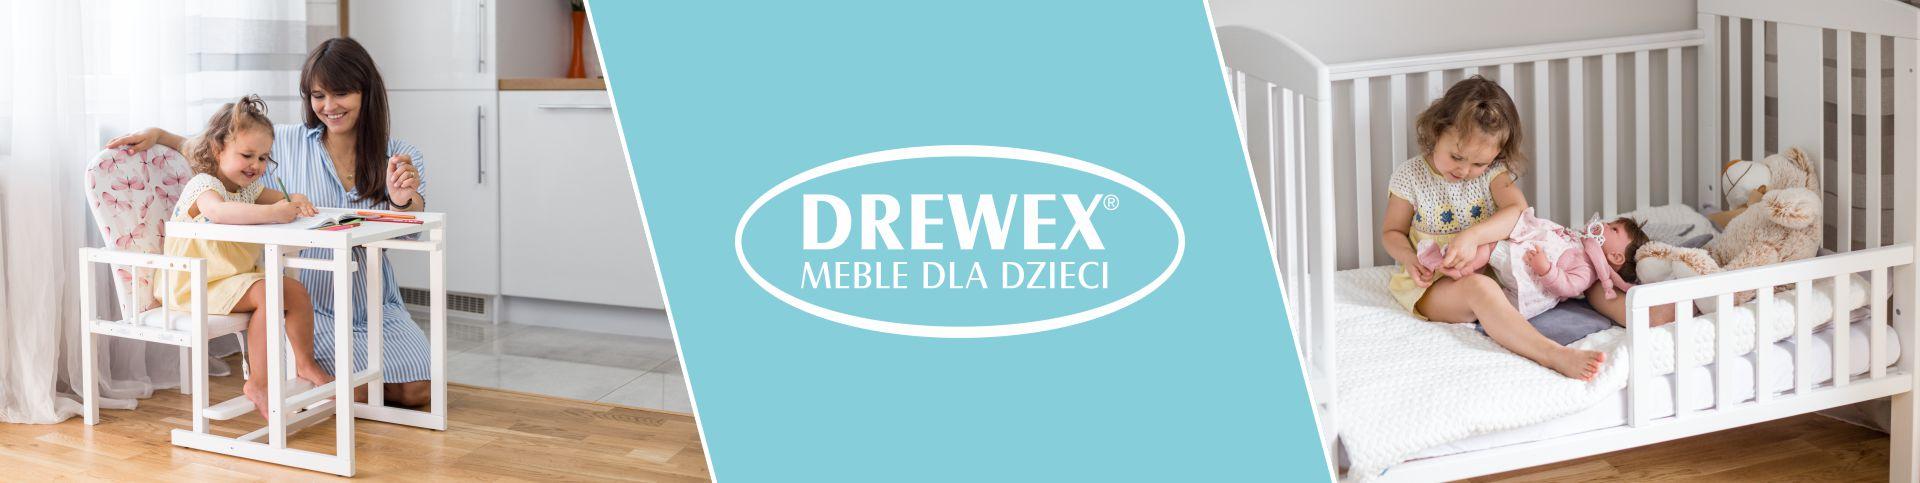 Drewex - meble dla dzieci